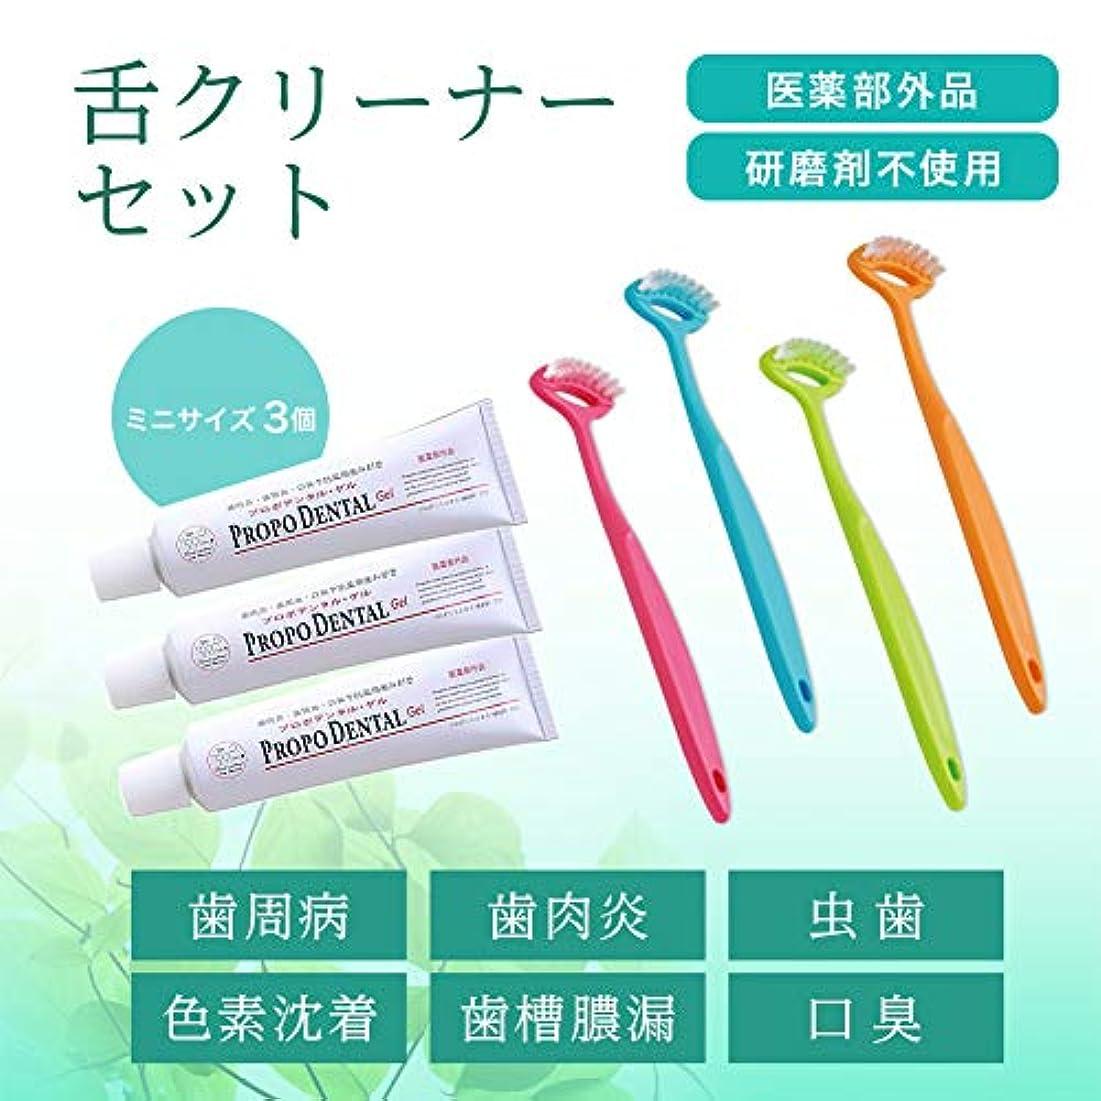 マリナーどちらも区別する口臭予防 舌クリーニングセット 歯磨き 舌磨き 舌クリーナー はみがき 歯磨きジェル (ゲルのミニ3本+舌クリーナー)